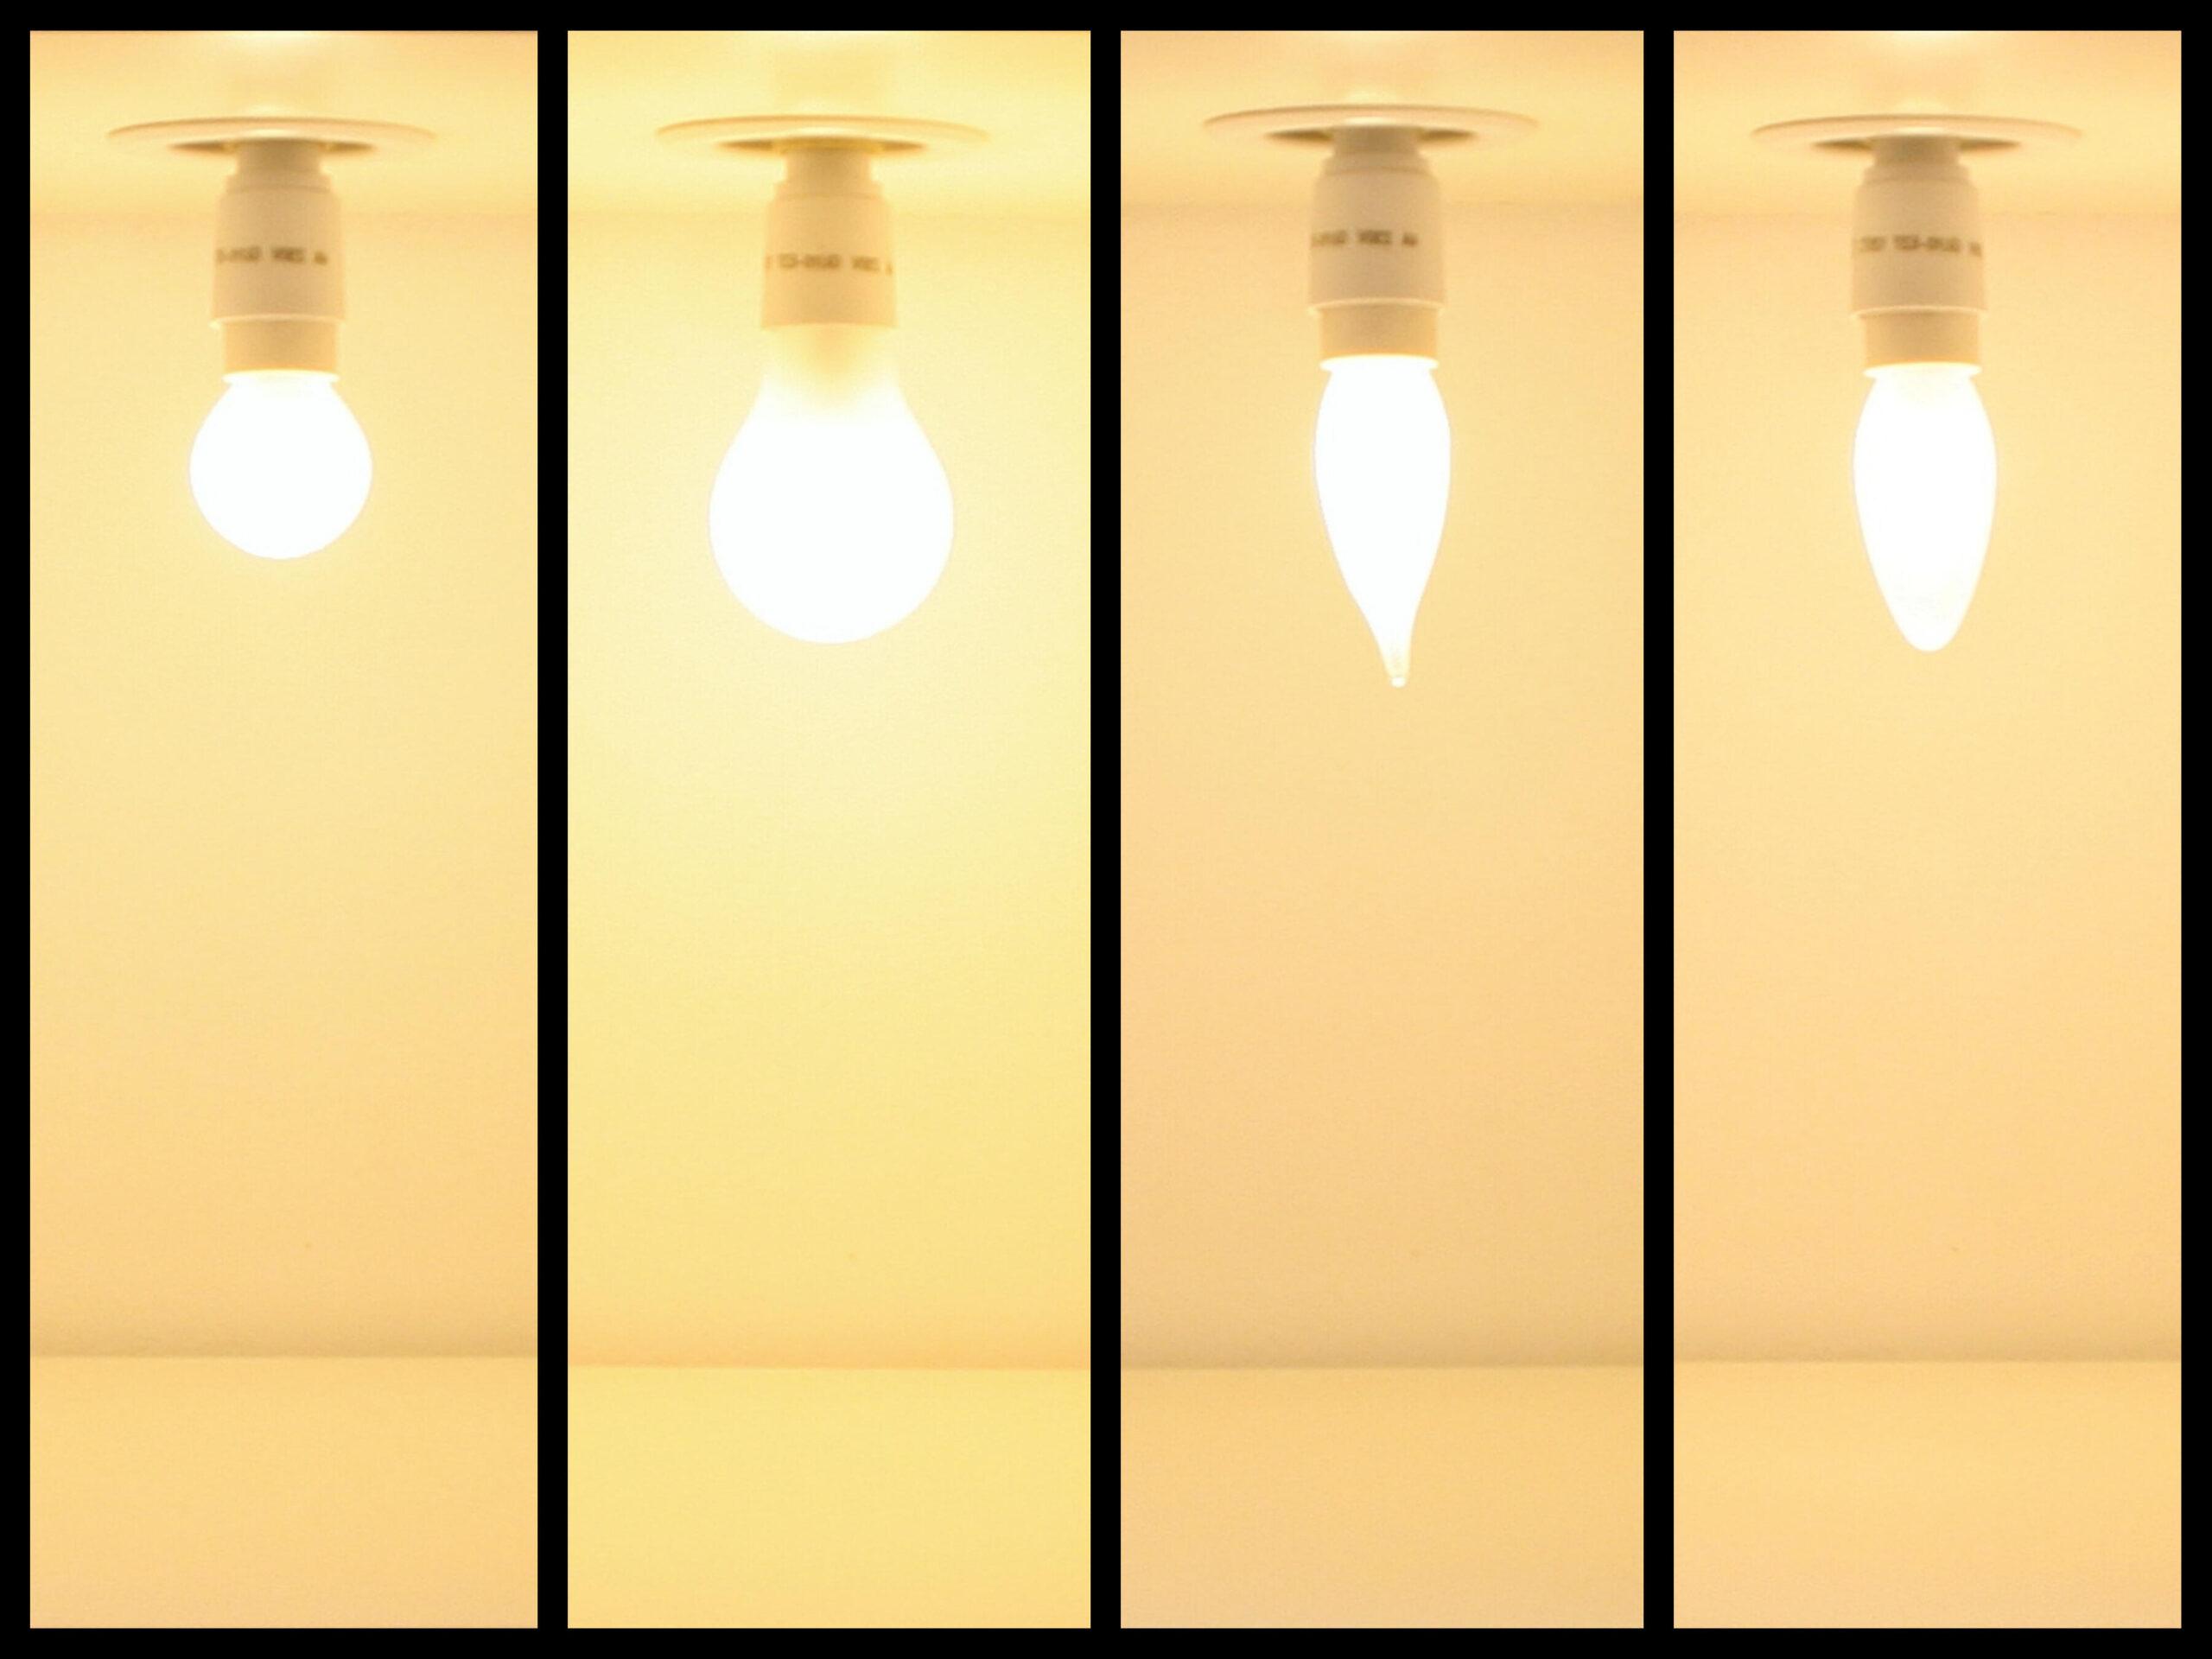 Quelle est la différence entre une ampoule LED et une ampoule normale ?